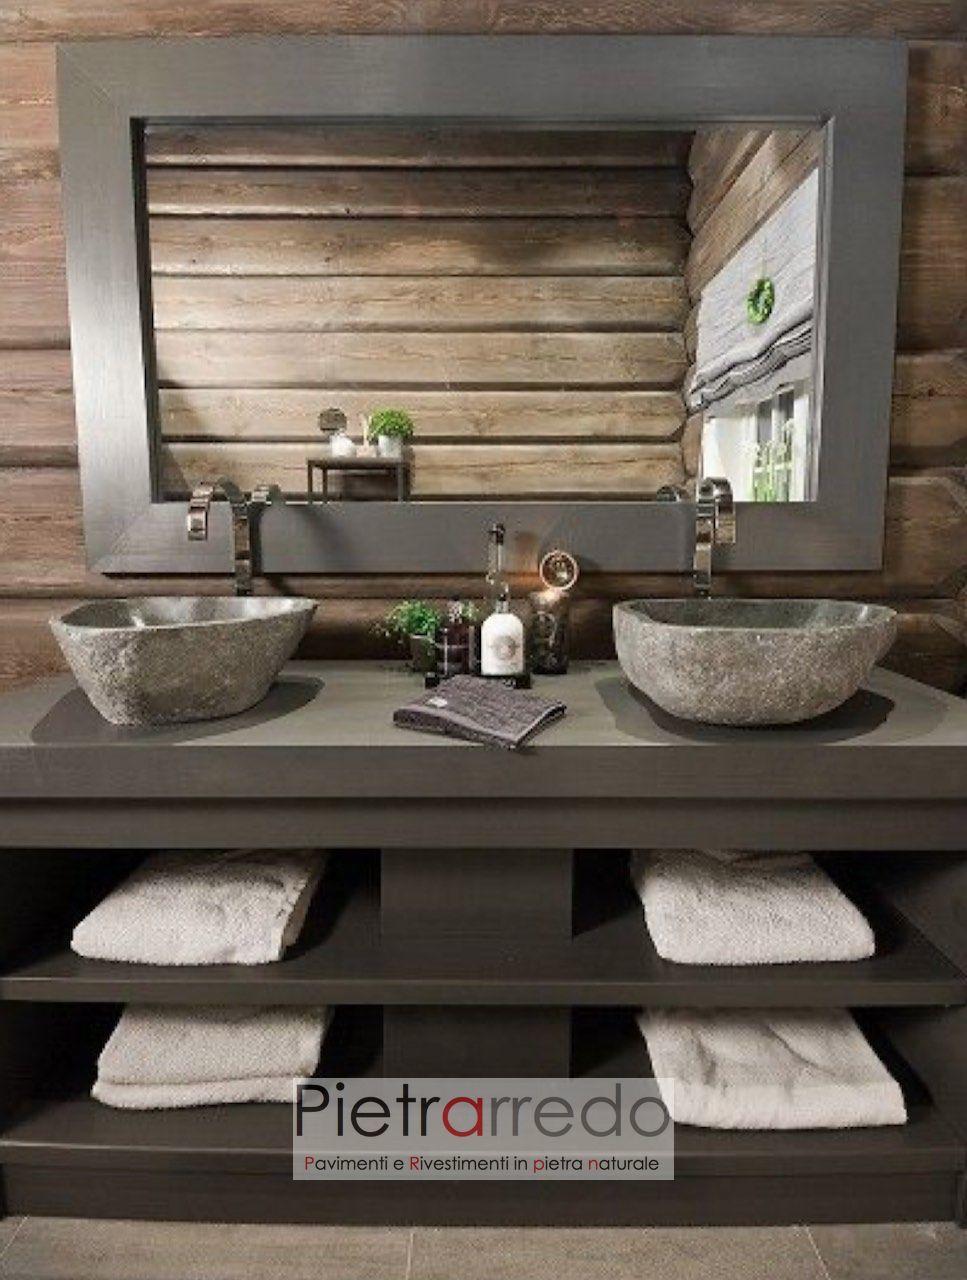 Articoli Per Bagno Milano lavandino in sasso di fiume scavato e fatto a mano per arredo bagno,  diametro da 40 a 50 cm